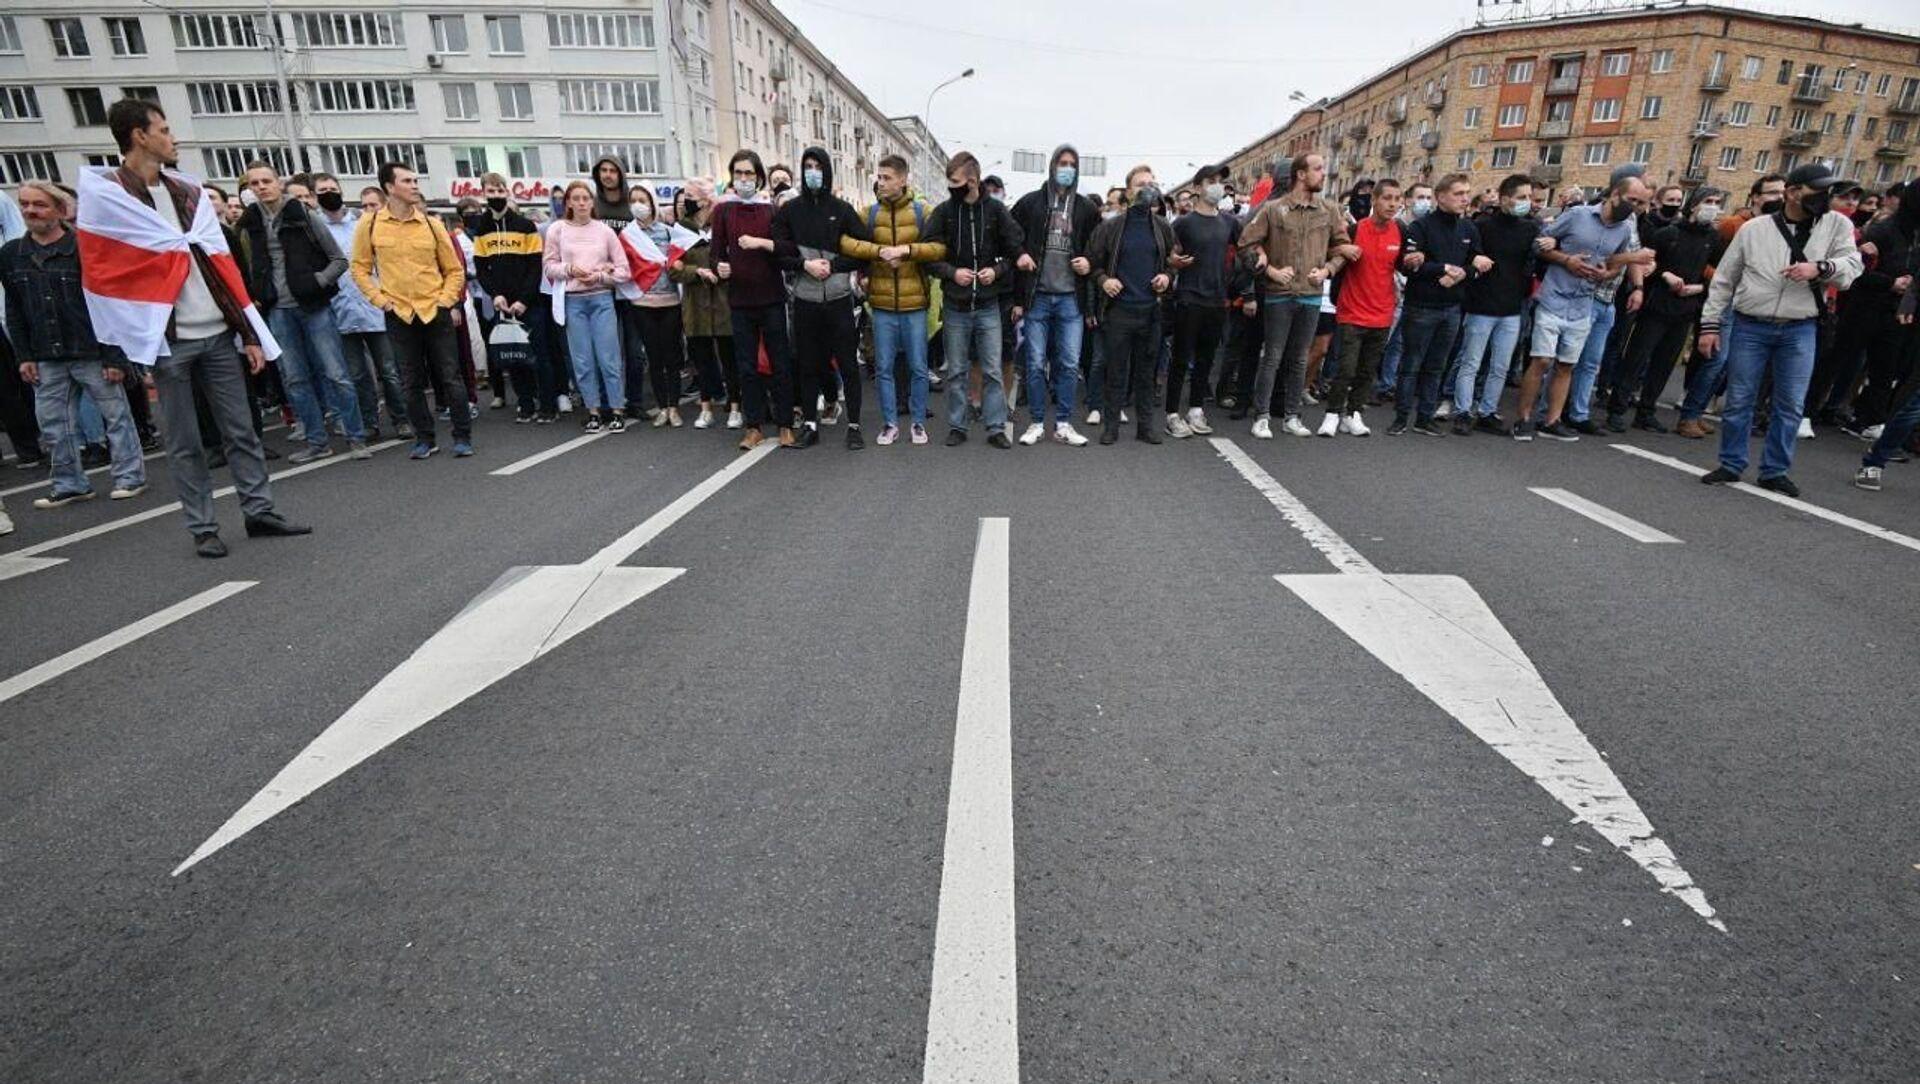 Акция протеста прошла в воскресенье в Минске - Sputnik Беларусь, 1920, 21.04.2021